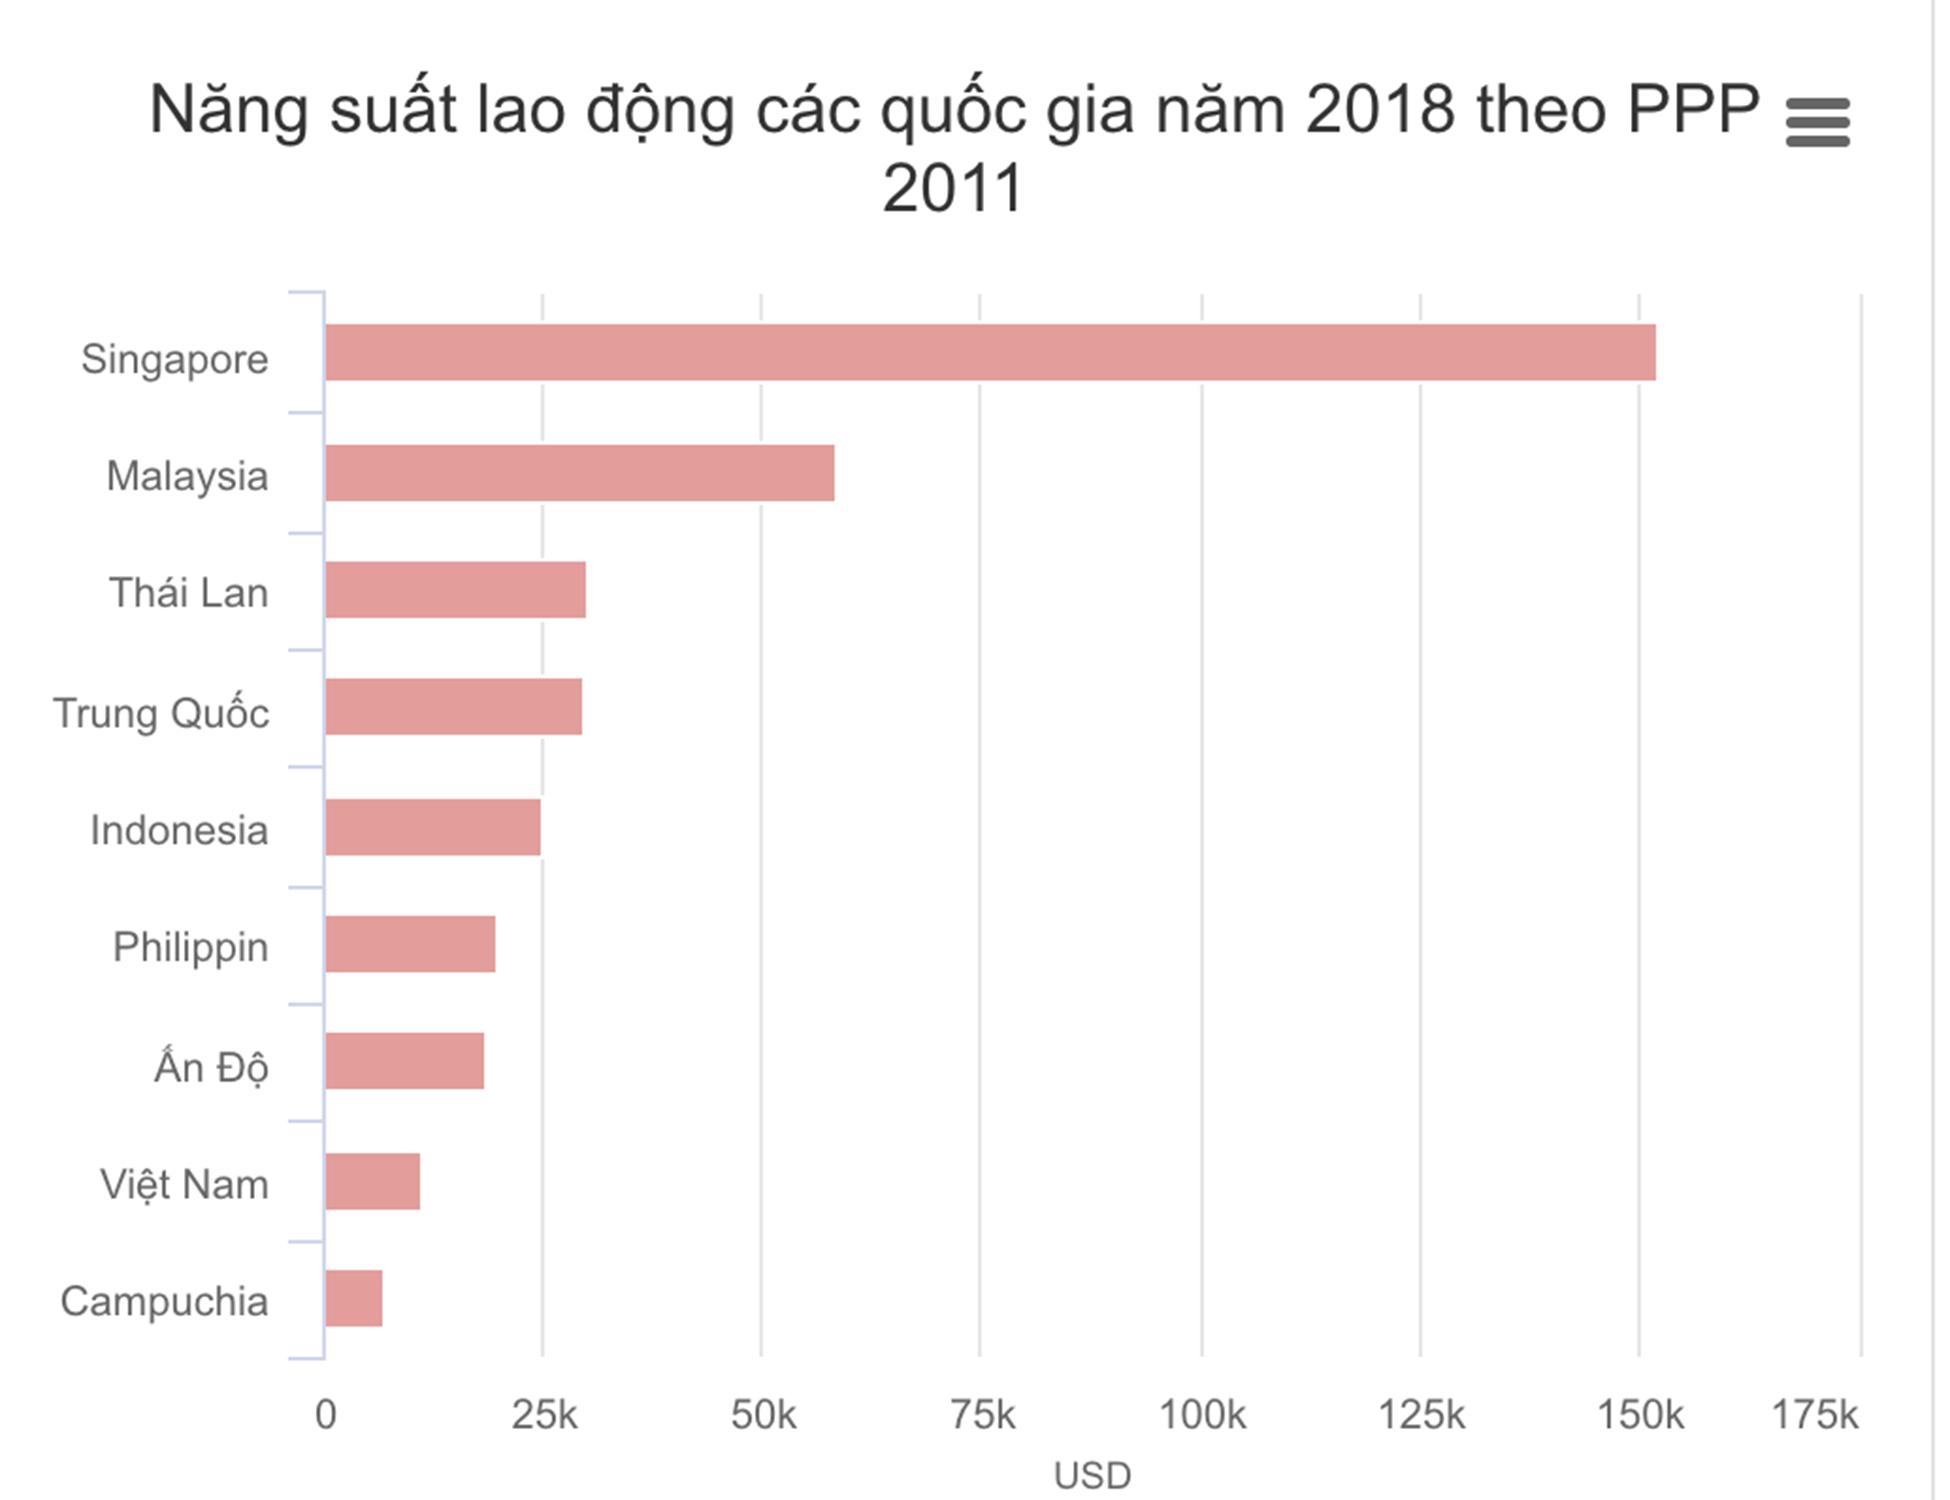 Năng suất lao động Việt Nam năm 2018 vẫn thua xa Thái Lan